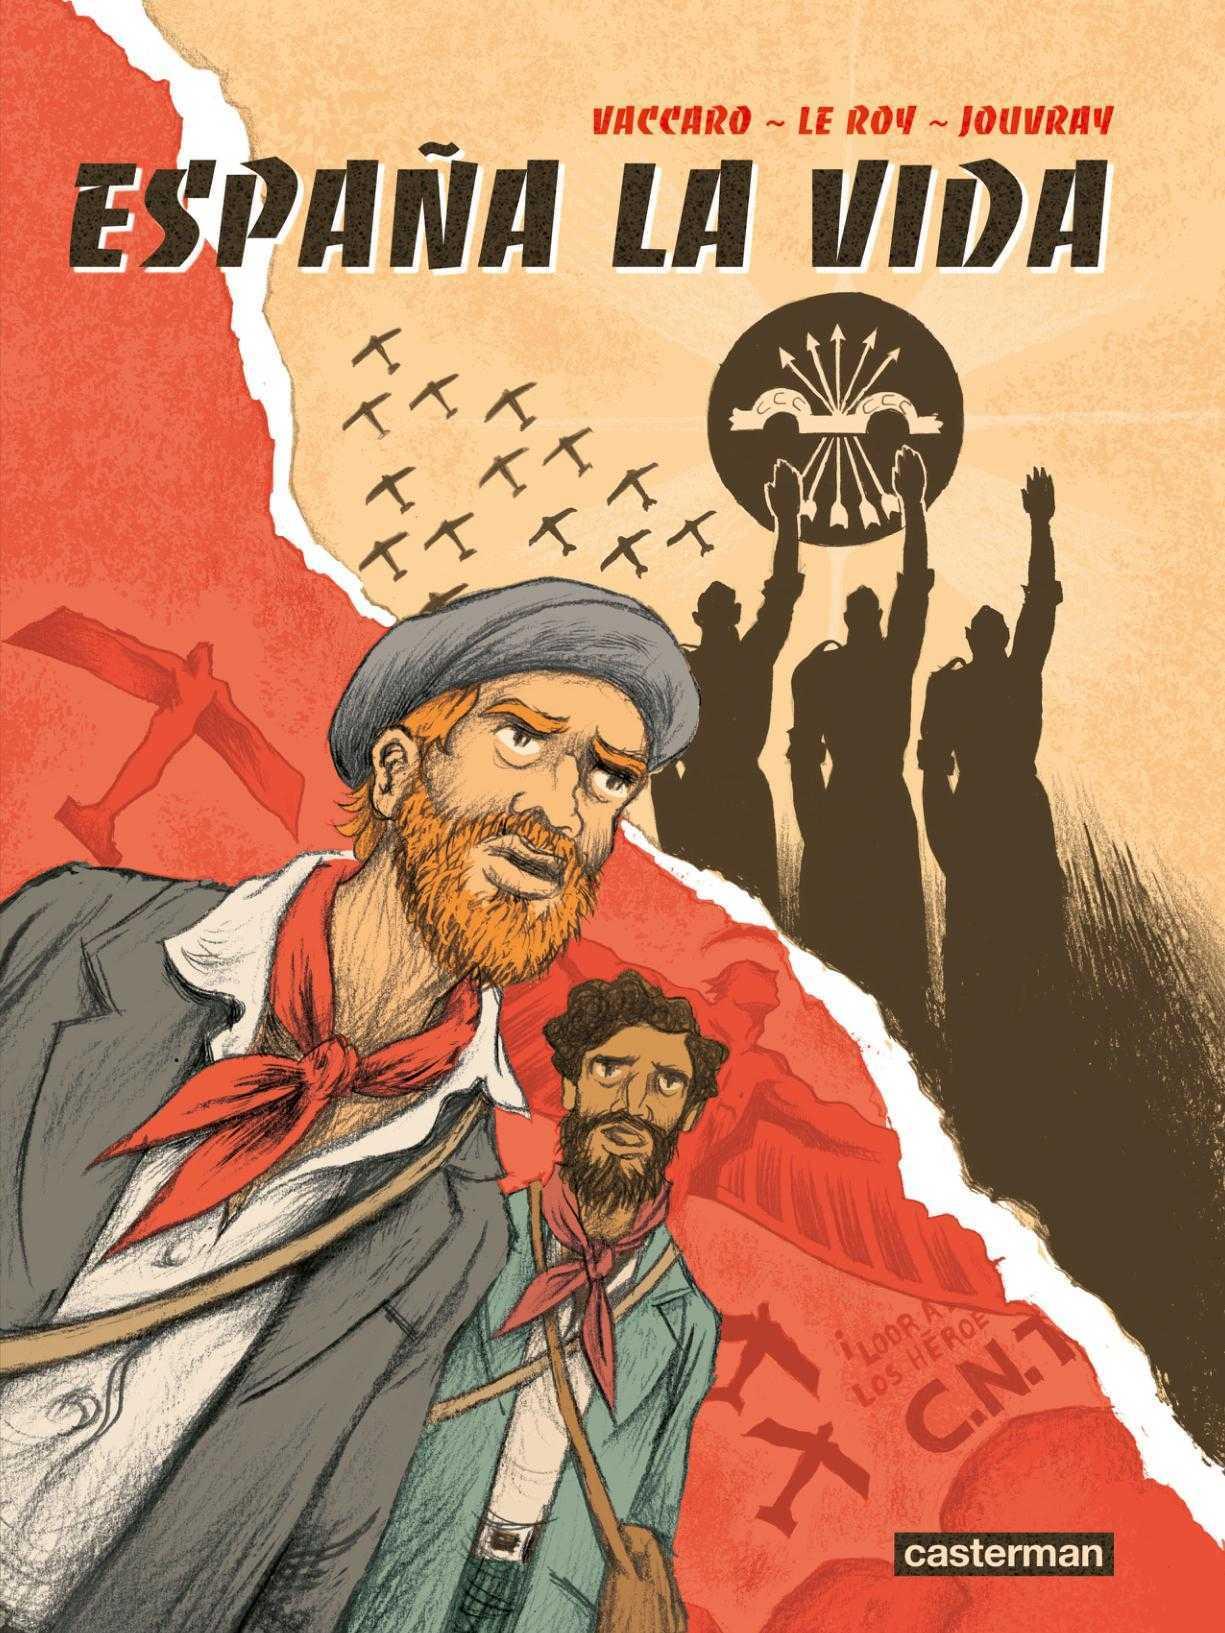 Avec ces brigades qui ont sauvé l'honneur de la démocratie pendant la guerre d'Espagne